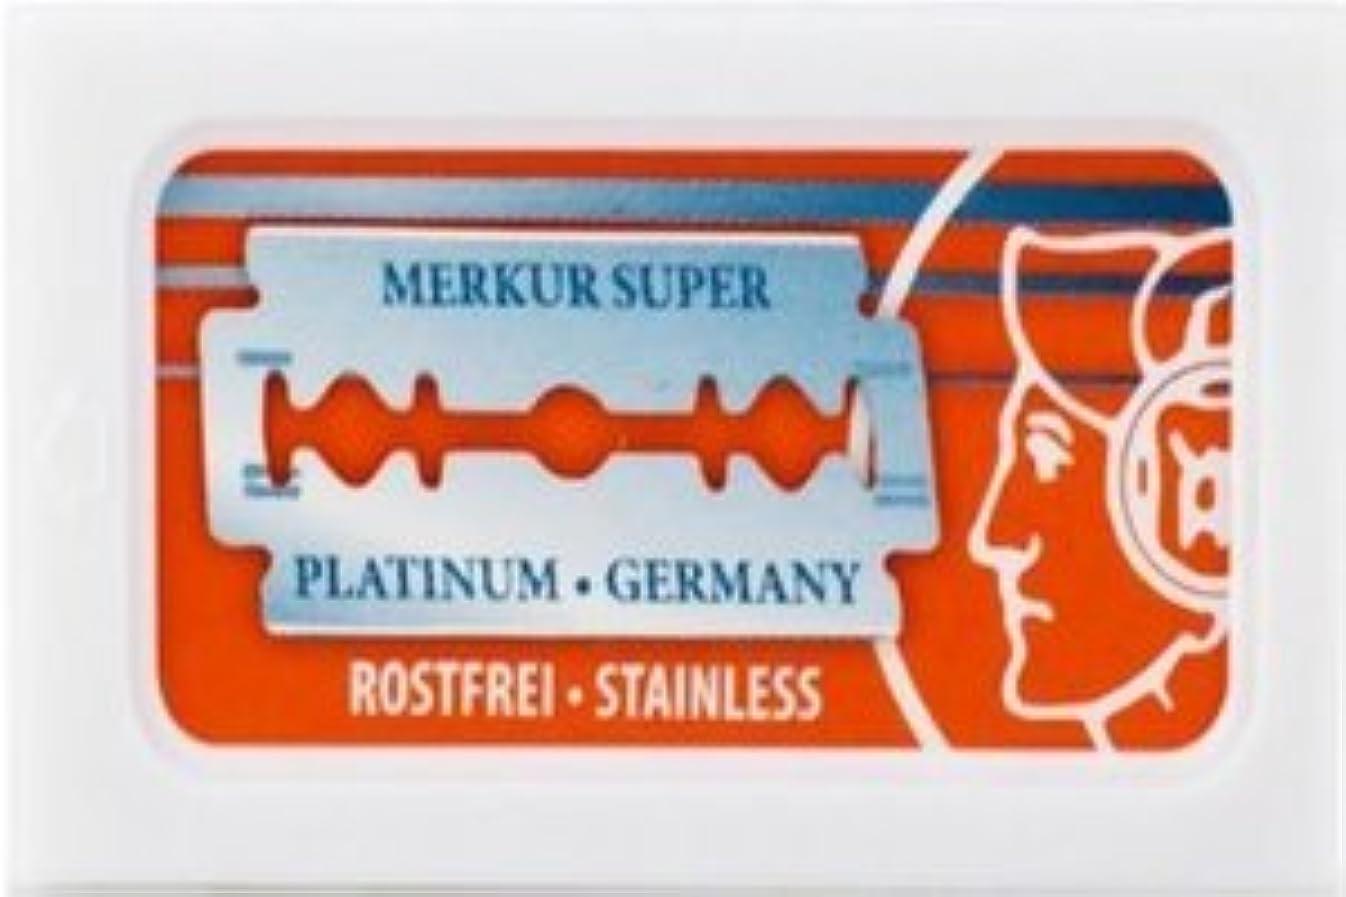 不適当伝えるピアノを弾くMerkur Super Platinum 両刃替刃 10枚入り(10枚入り1 個セット)【並行輸入品】